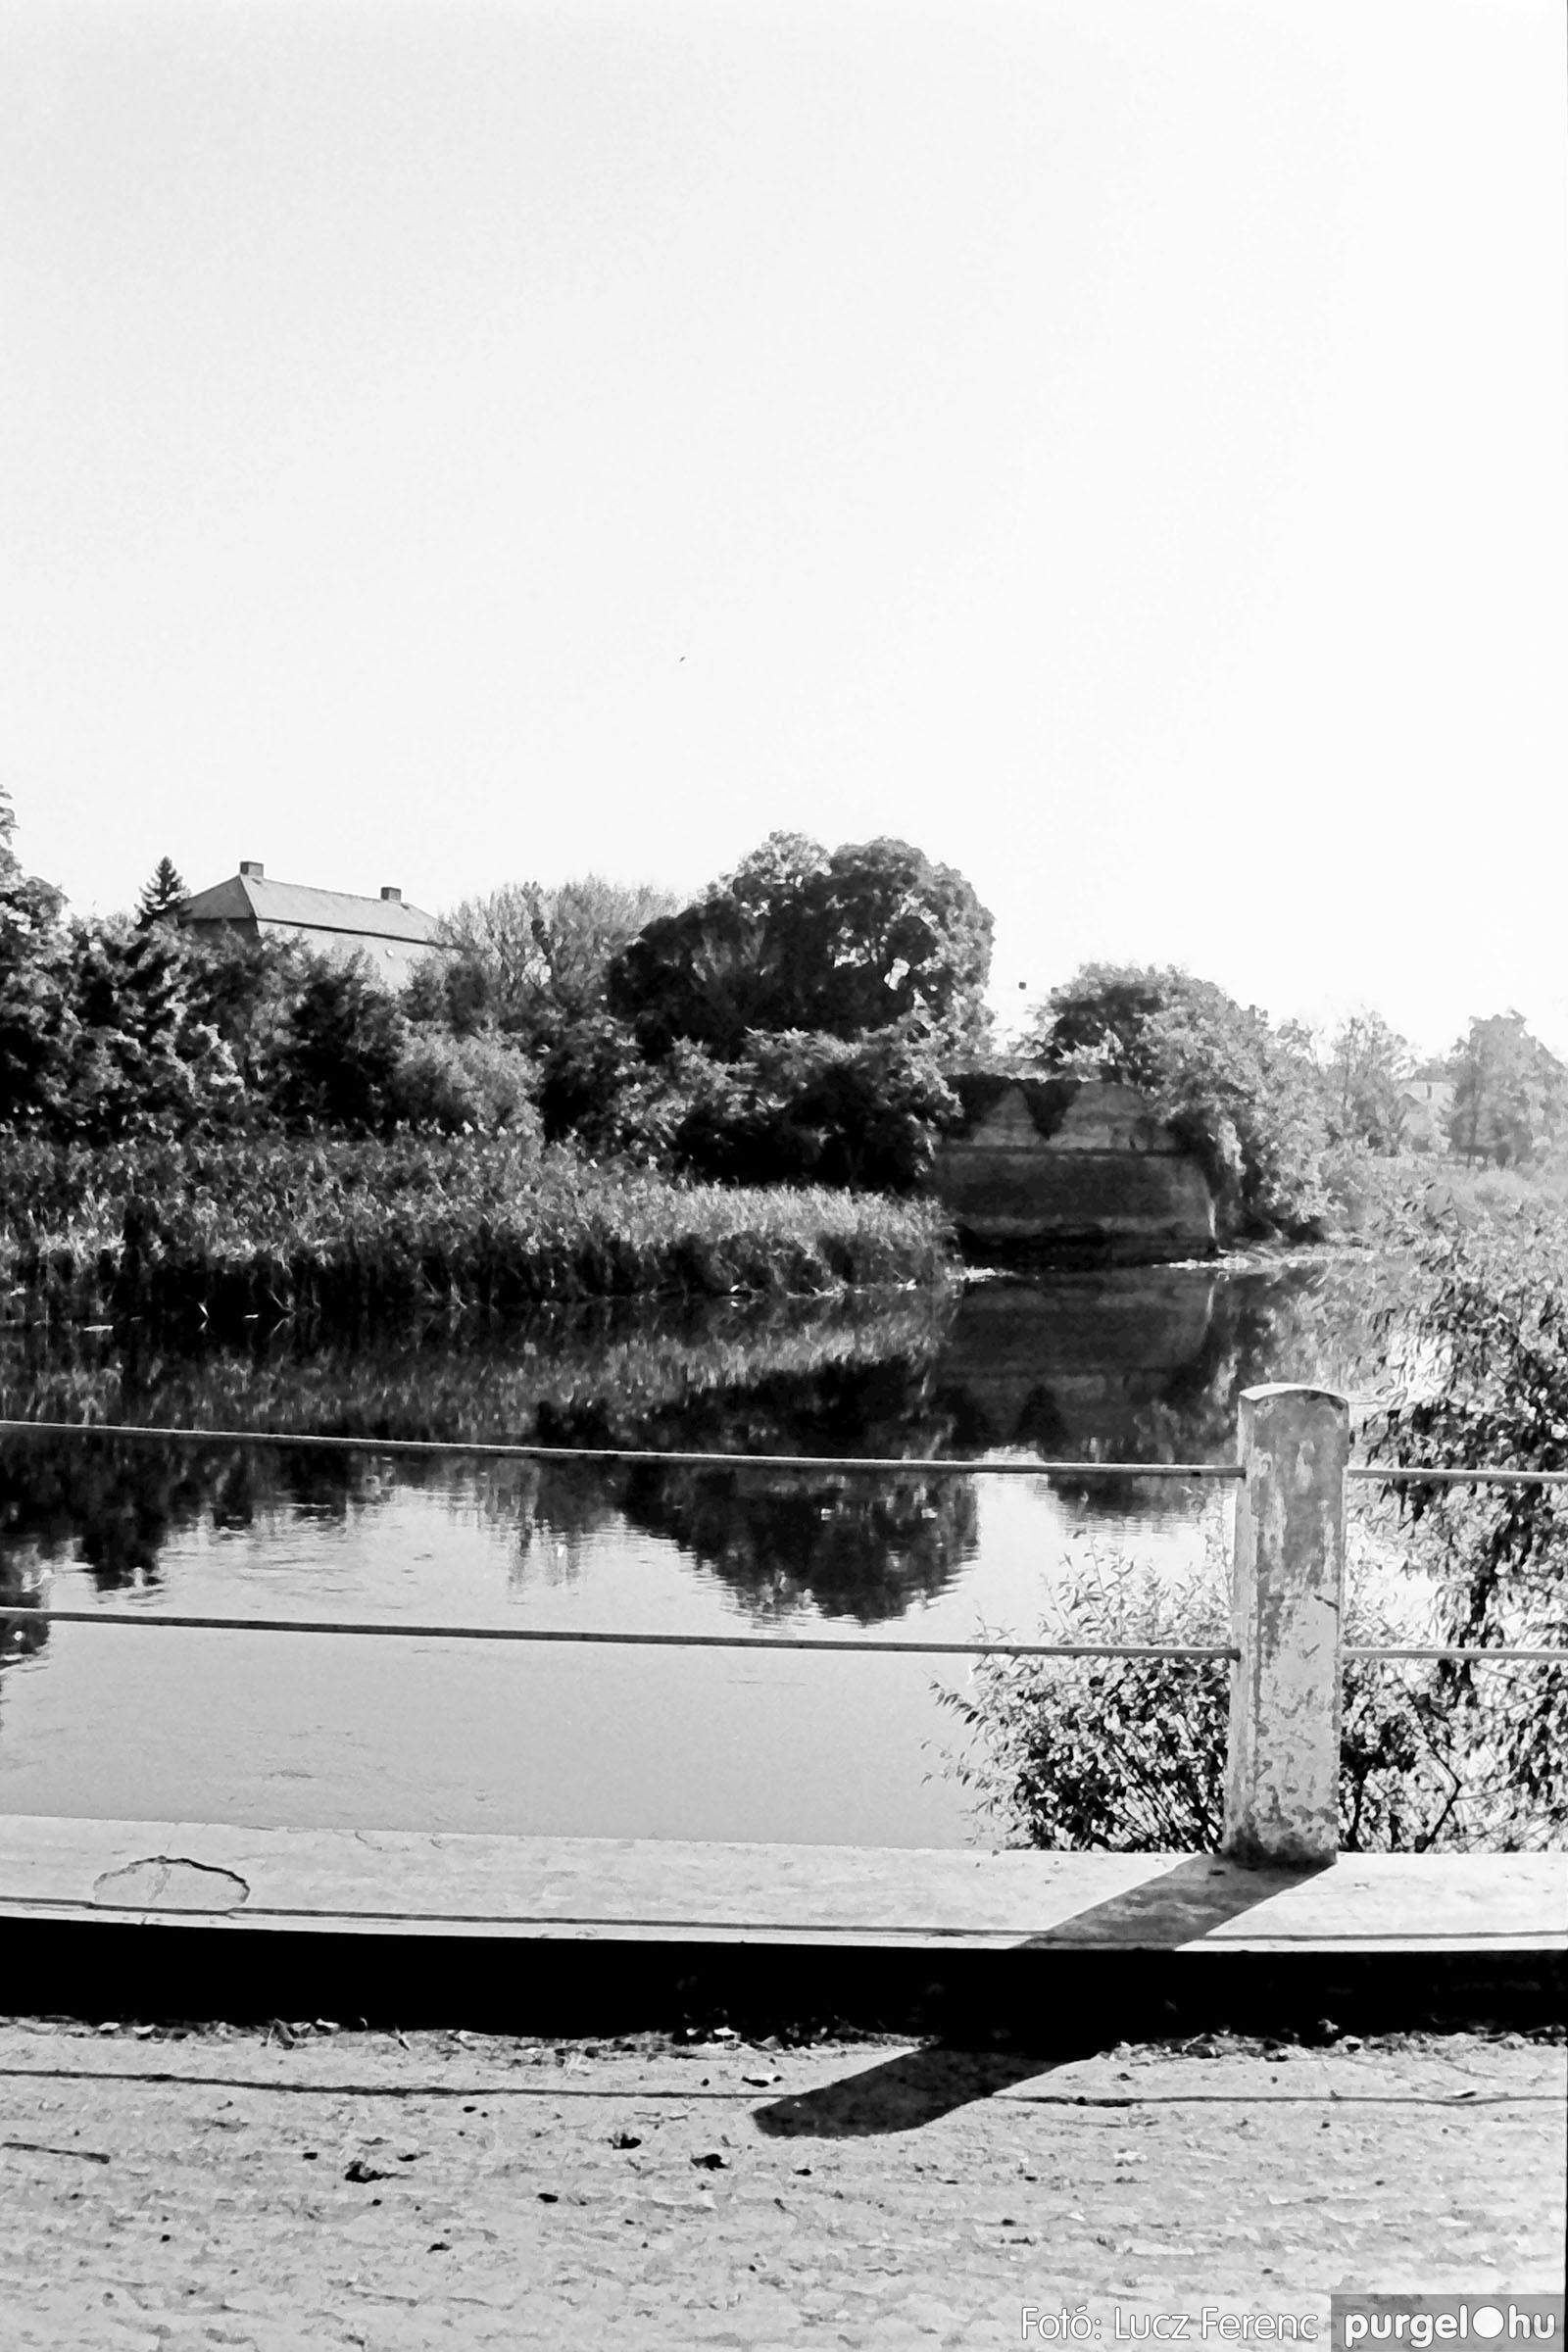 022 1975. Kurca, faluközpont, sportpálya 002 - Fotó: Lucz Ferenc .jpg